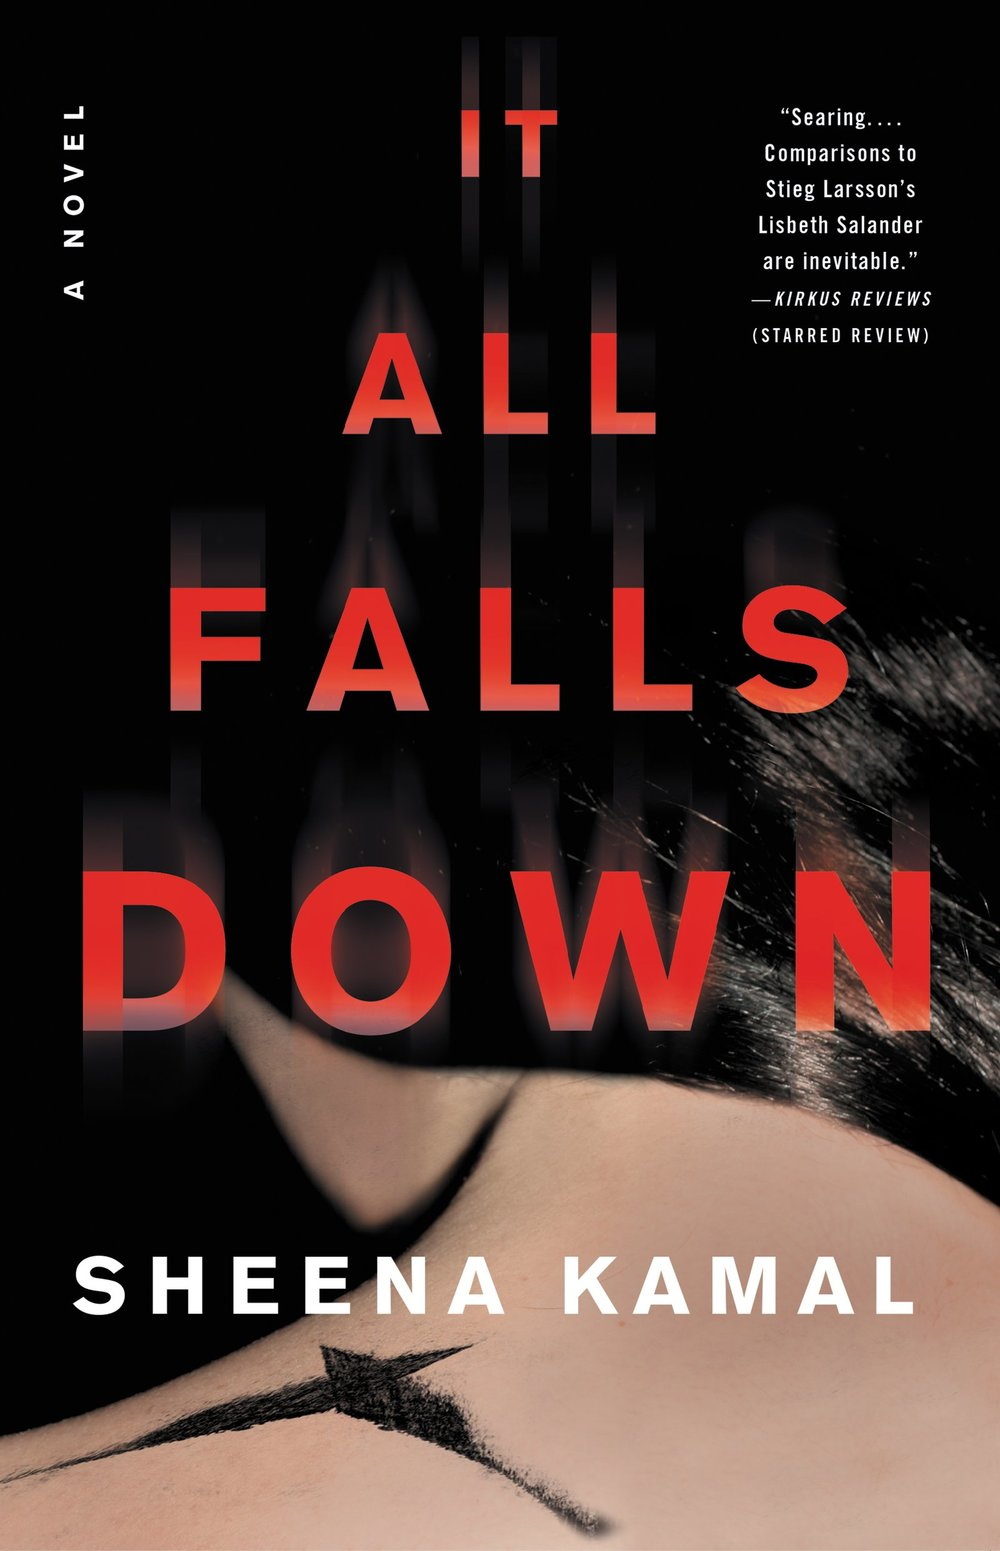 kamal it all falls down.jpg